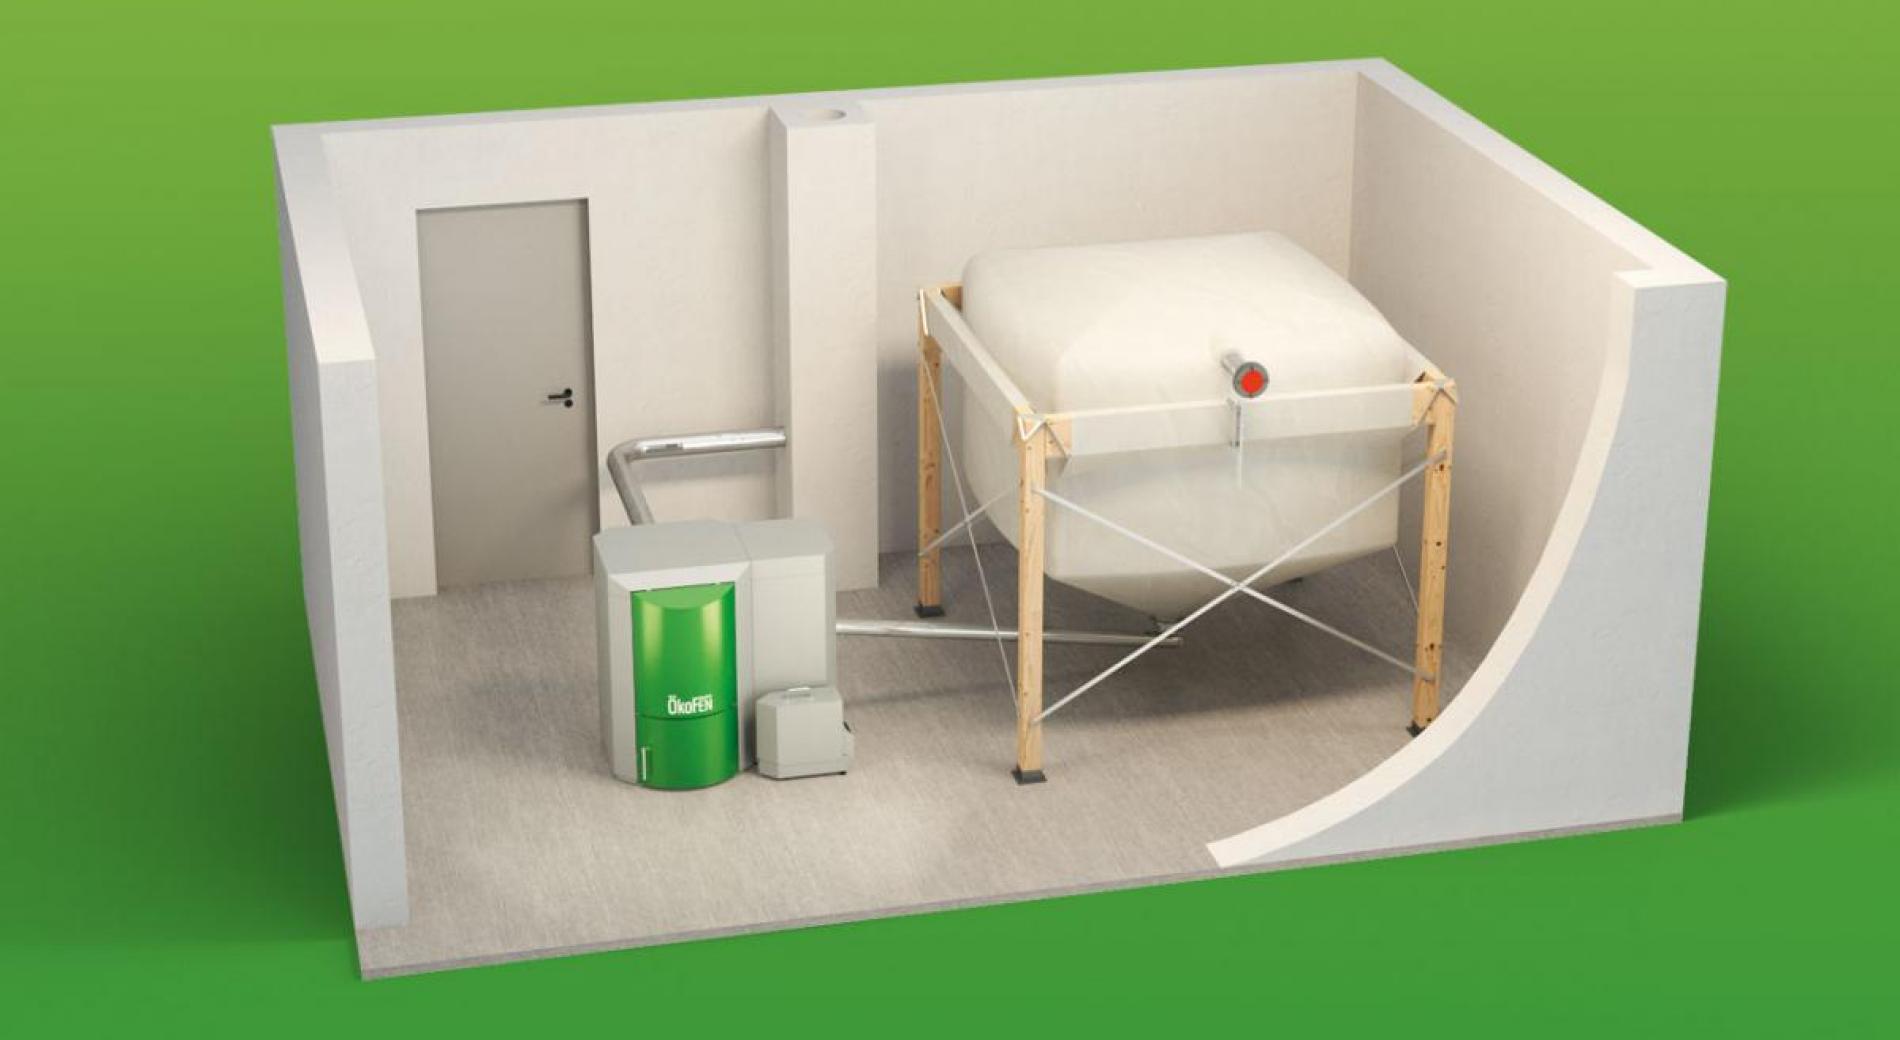 Principe d'installation avec silo textile et alimentation par vis